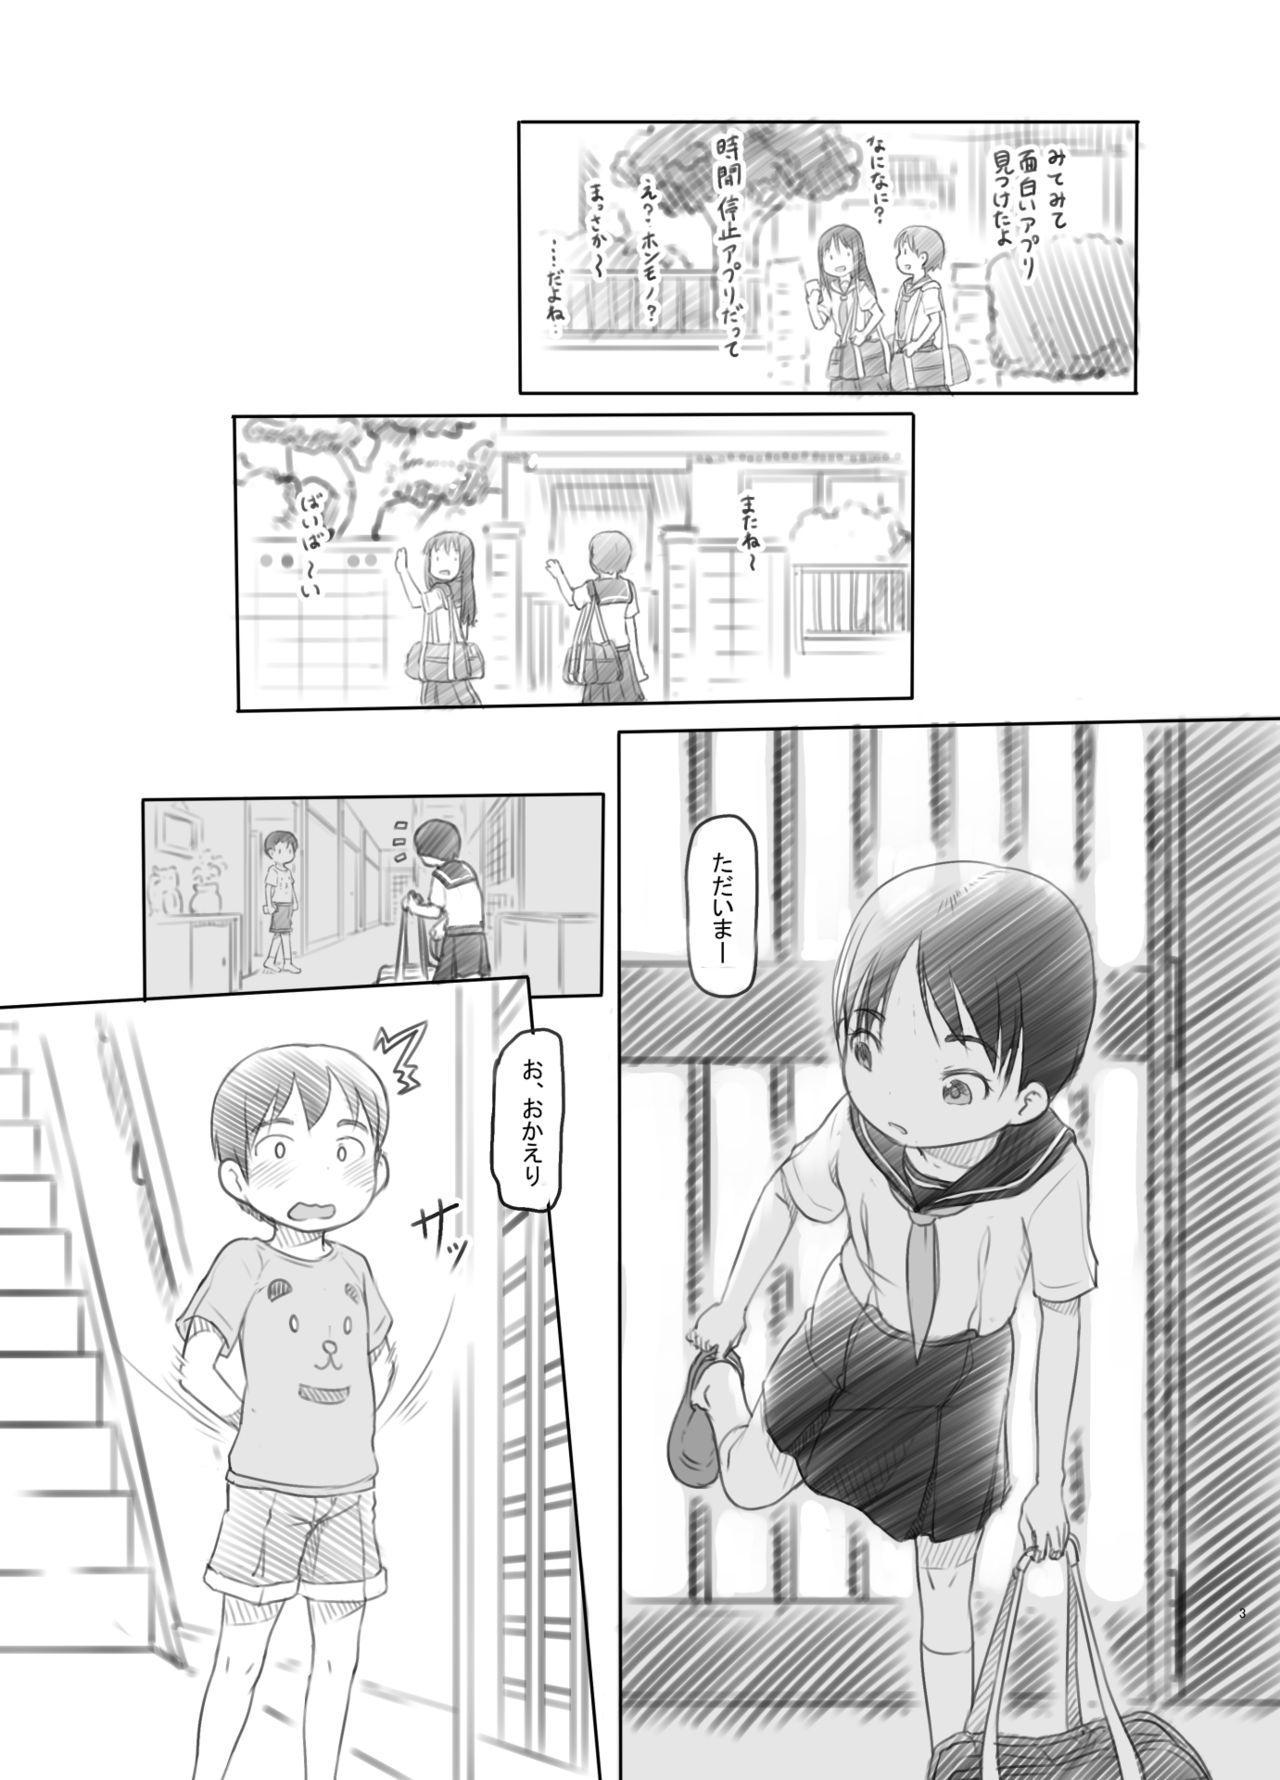 Sei ni Kyoumi ga Detekita Otouto ni Jikan Teishi Appli o Ataete Mita 1